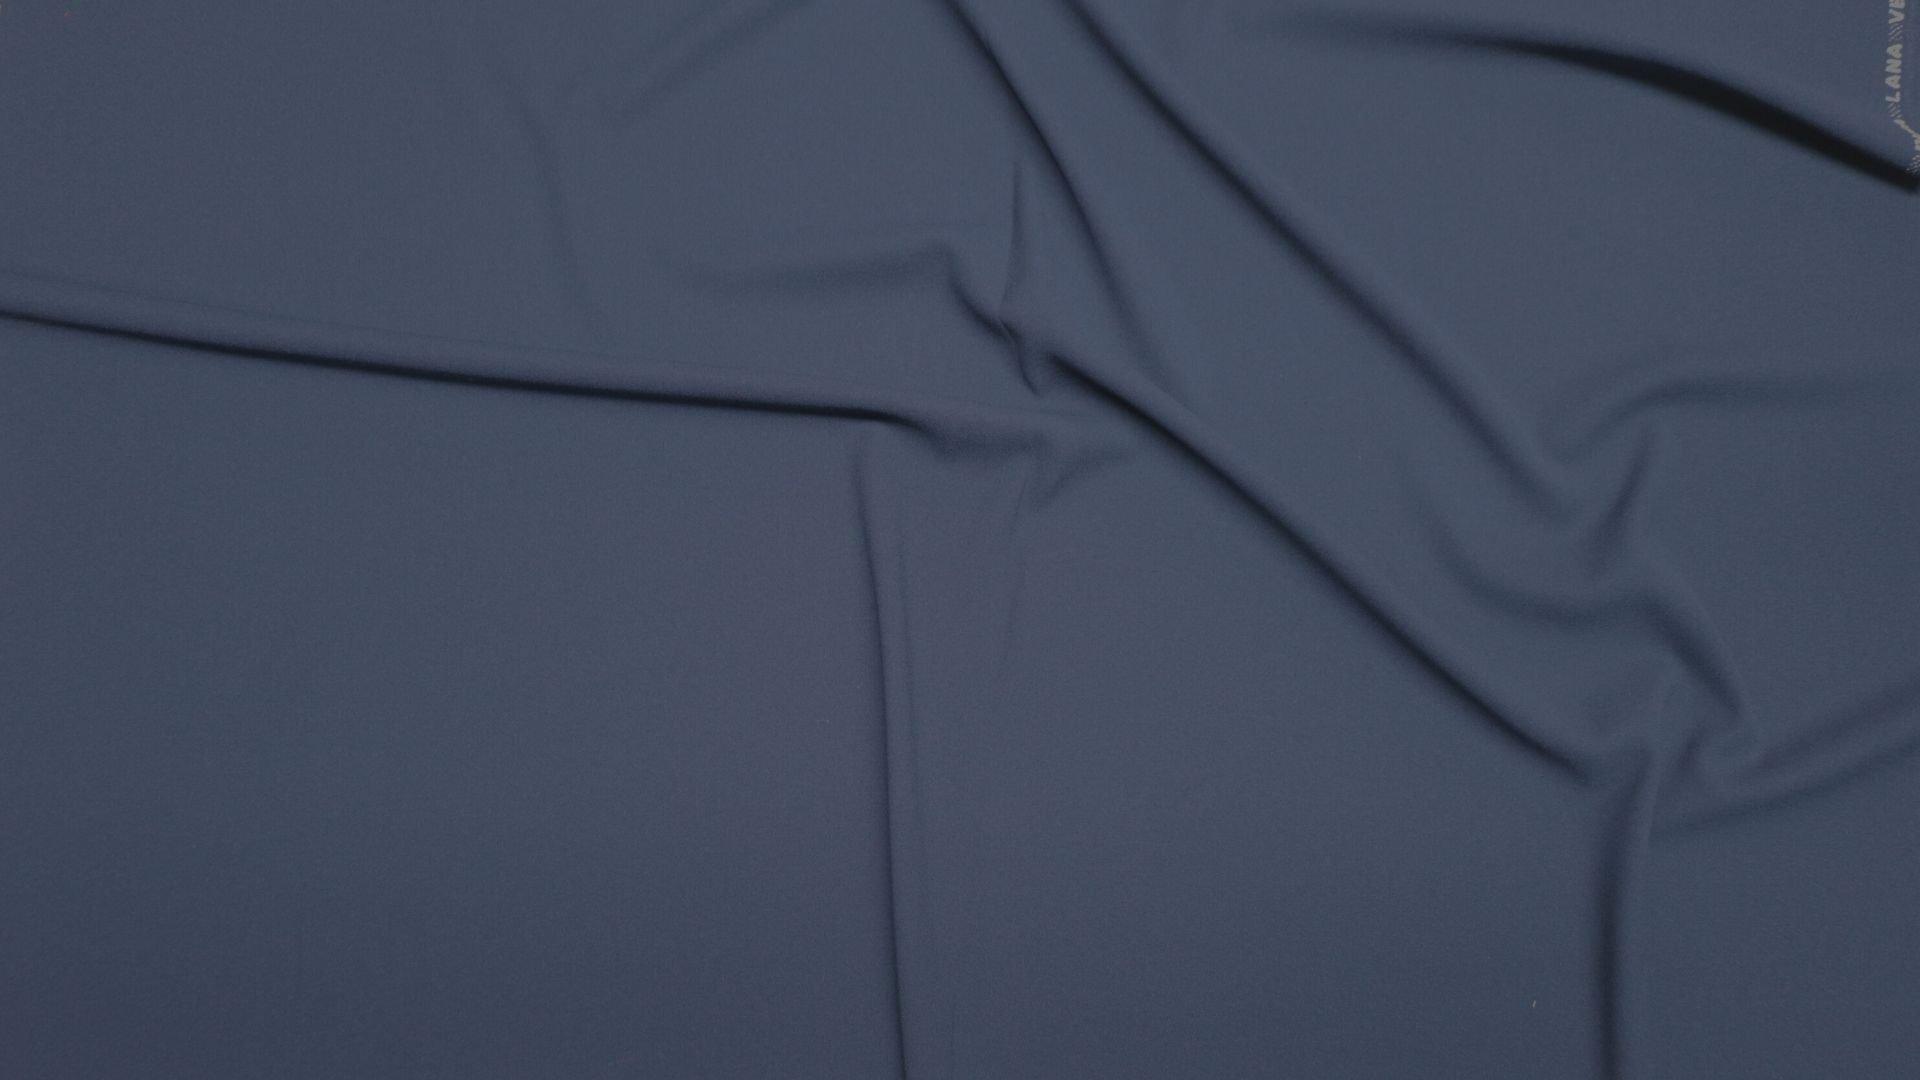 il particolare del tessuto doppio crepe 27054, appartenente alla categoria uniti seta, di Leadford & Logan